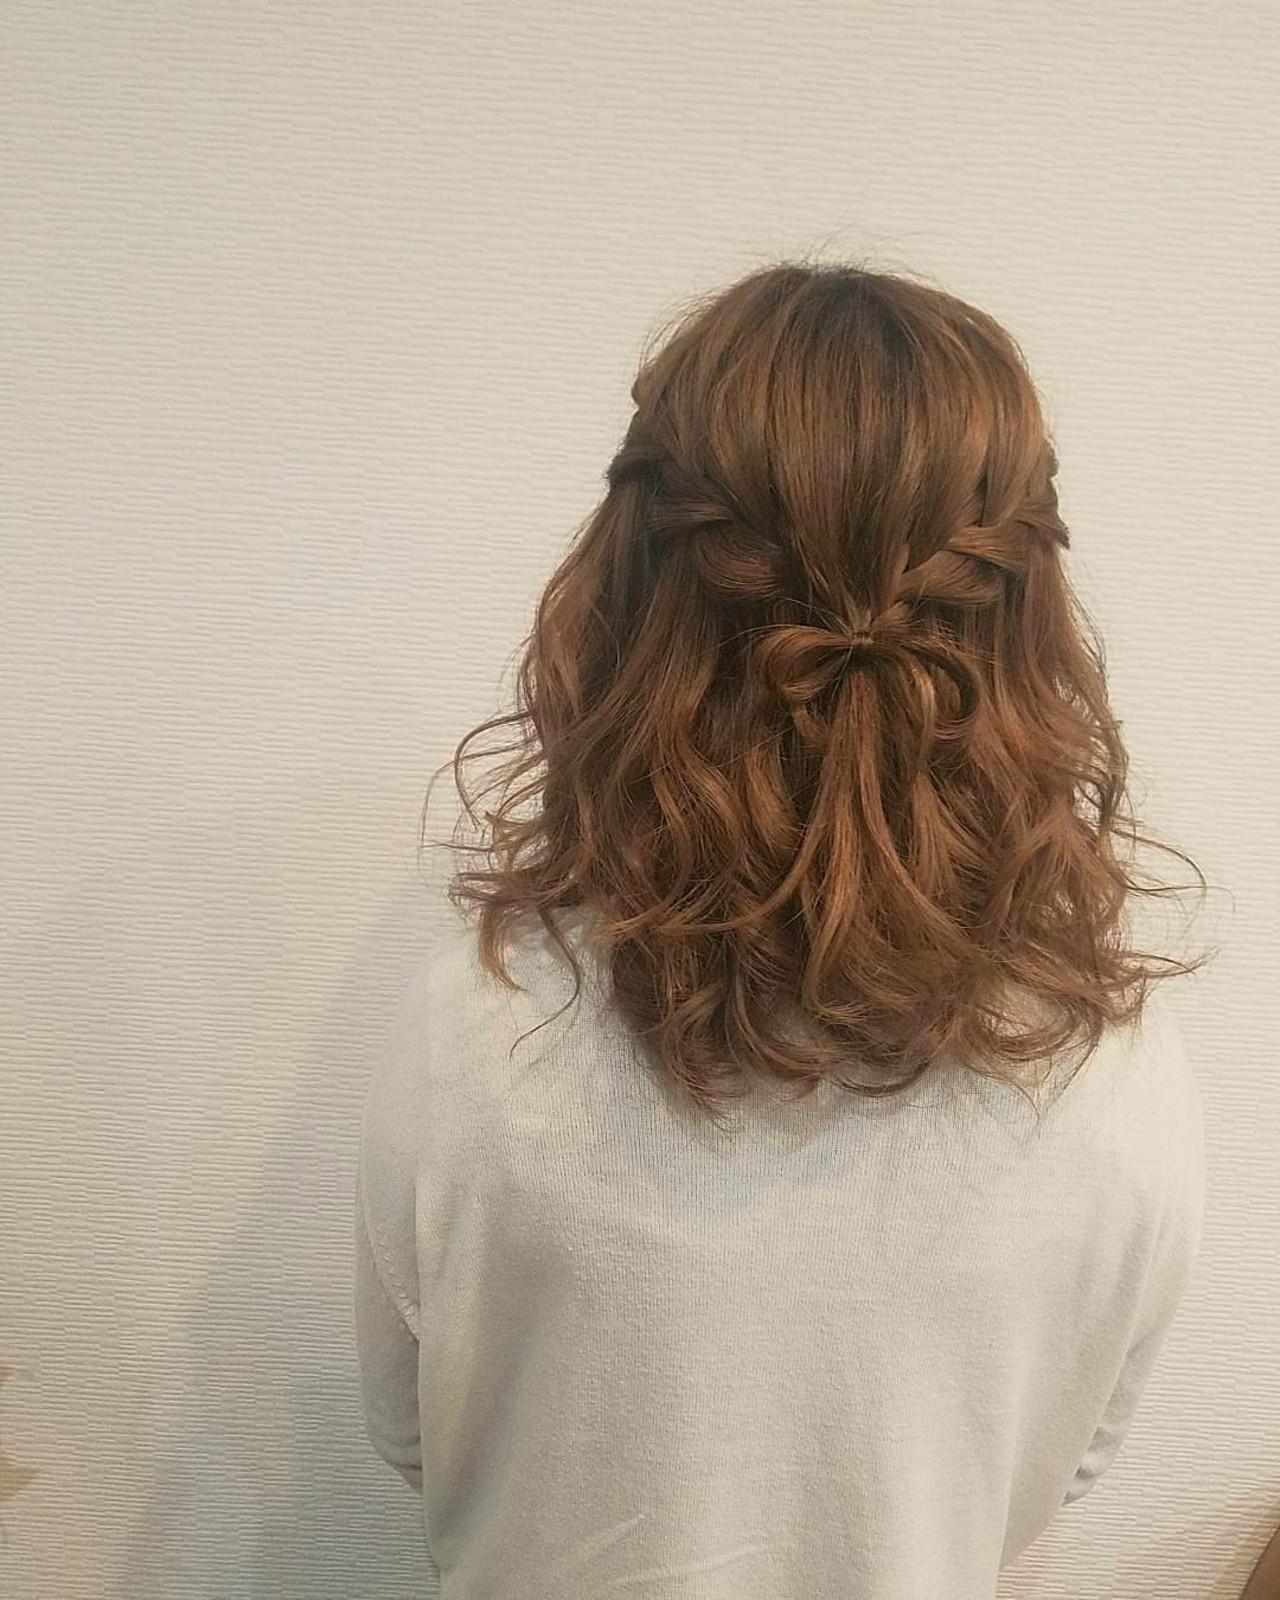 ミディアム ガーリー ハーフアップ ウォーターフォール ヘアスタイルや髪型の写真・画像 | mai / HAIR SALON STELLA